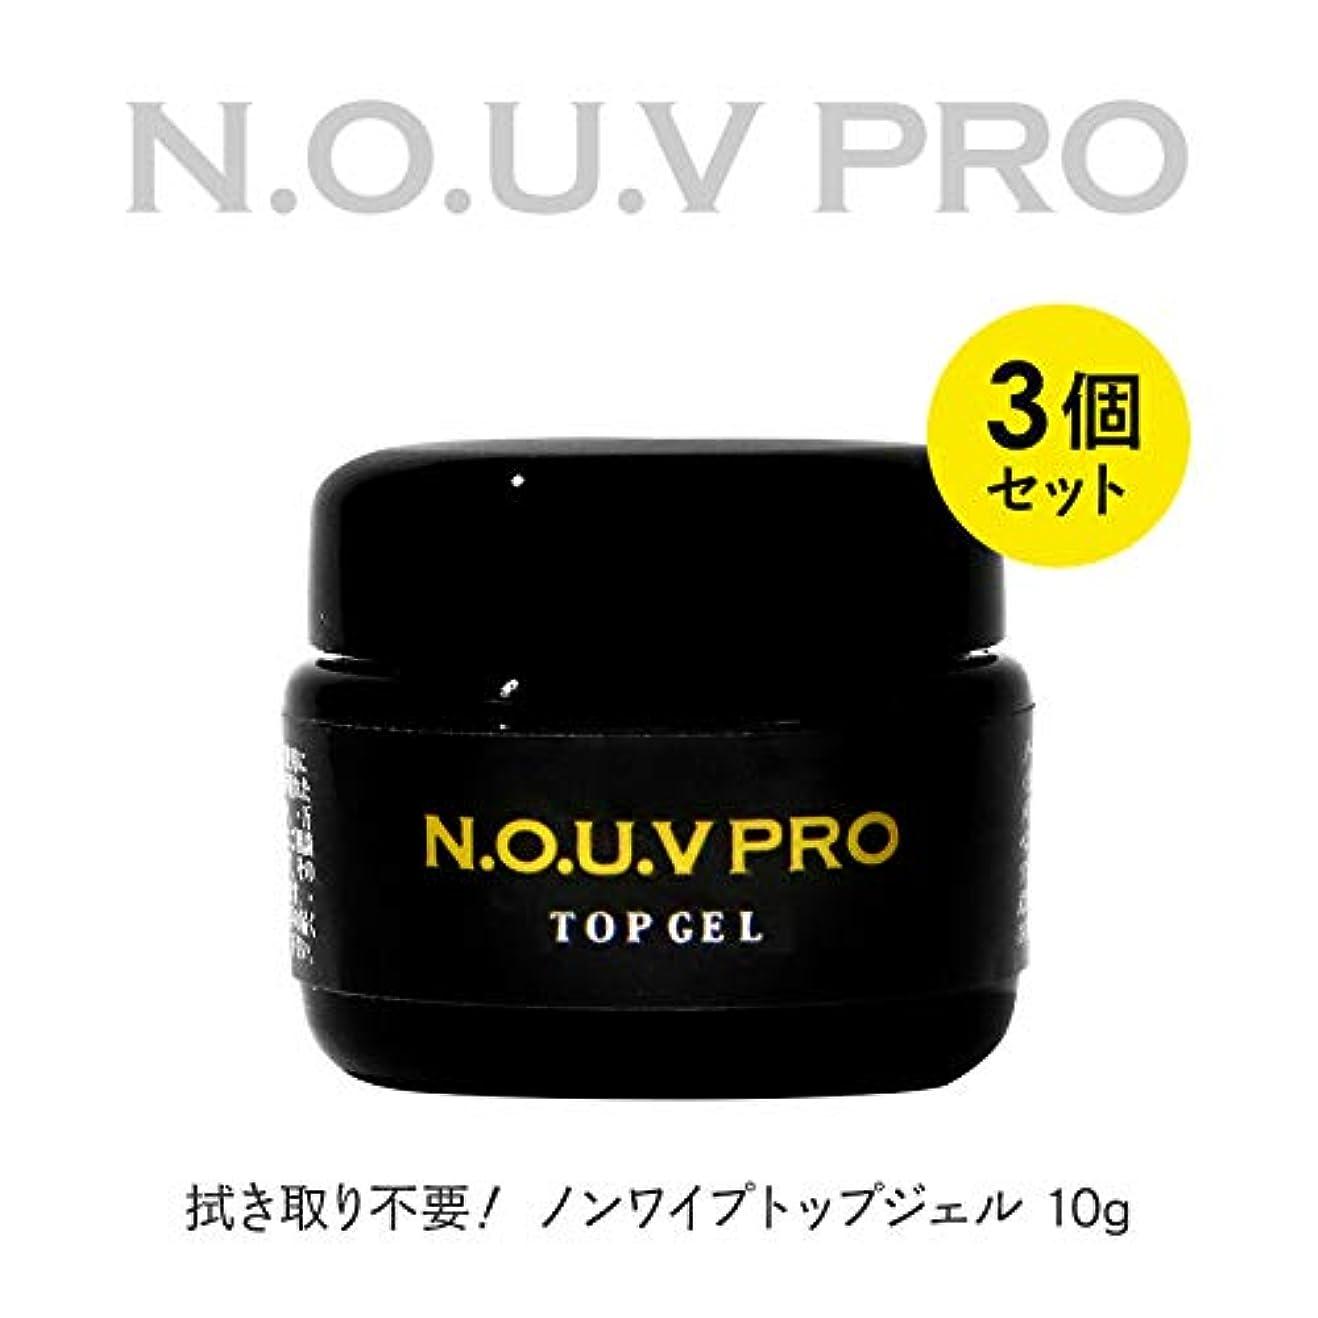 たらい絡まるテクニカルNOUV PRO(ノーヴプロ)ノンワイプクリアトップジェル 10g×3個セット